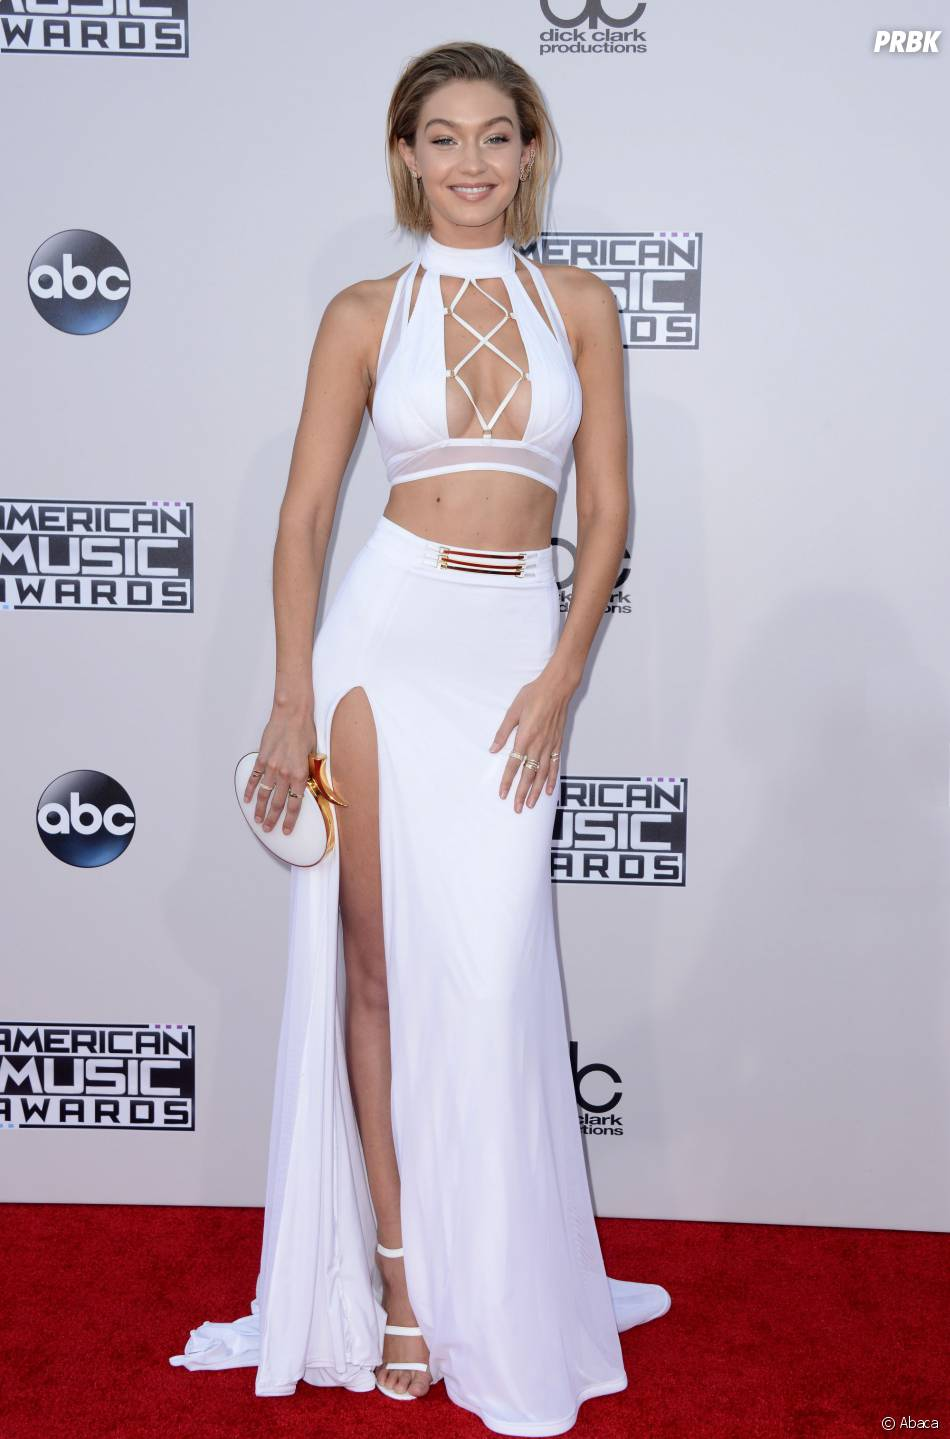 Gigi Hadid très sexy et décolletée sur le tapis rouge des American Video Awards 2015 à Los Angeles, le 22 novembre 2015